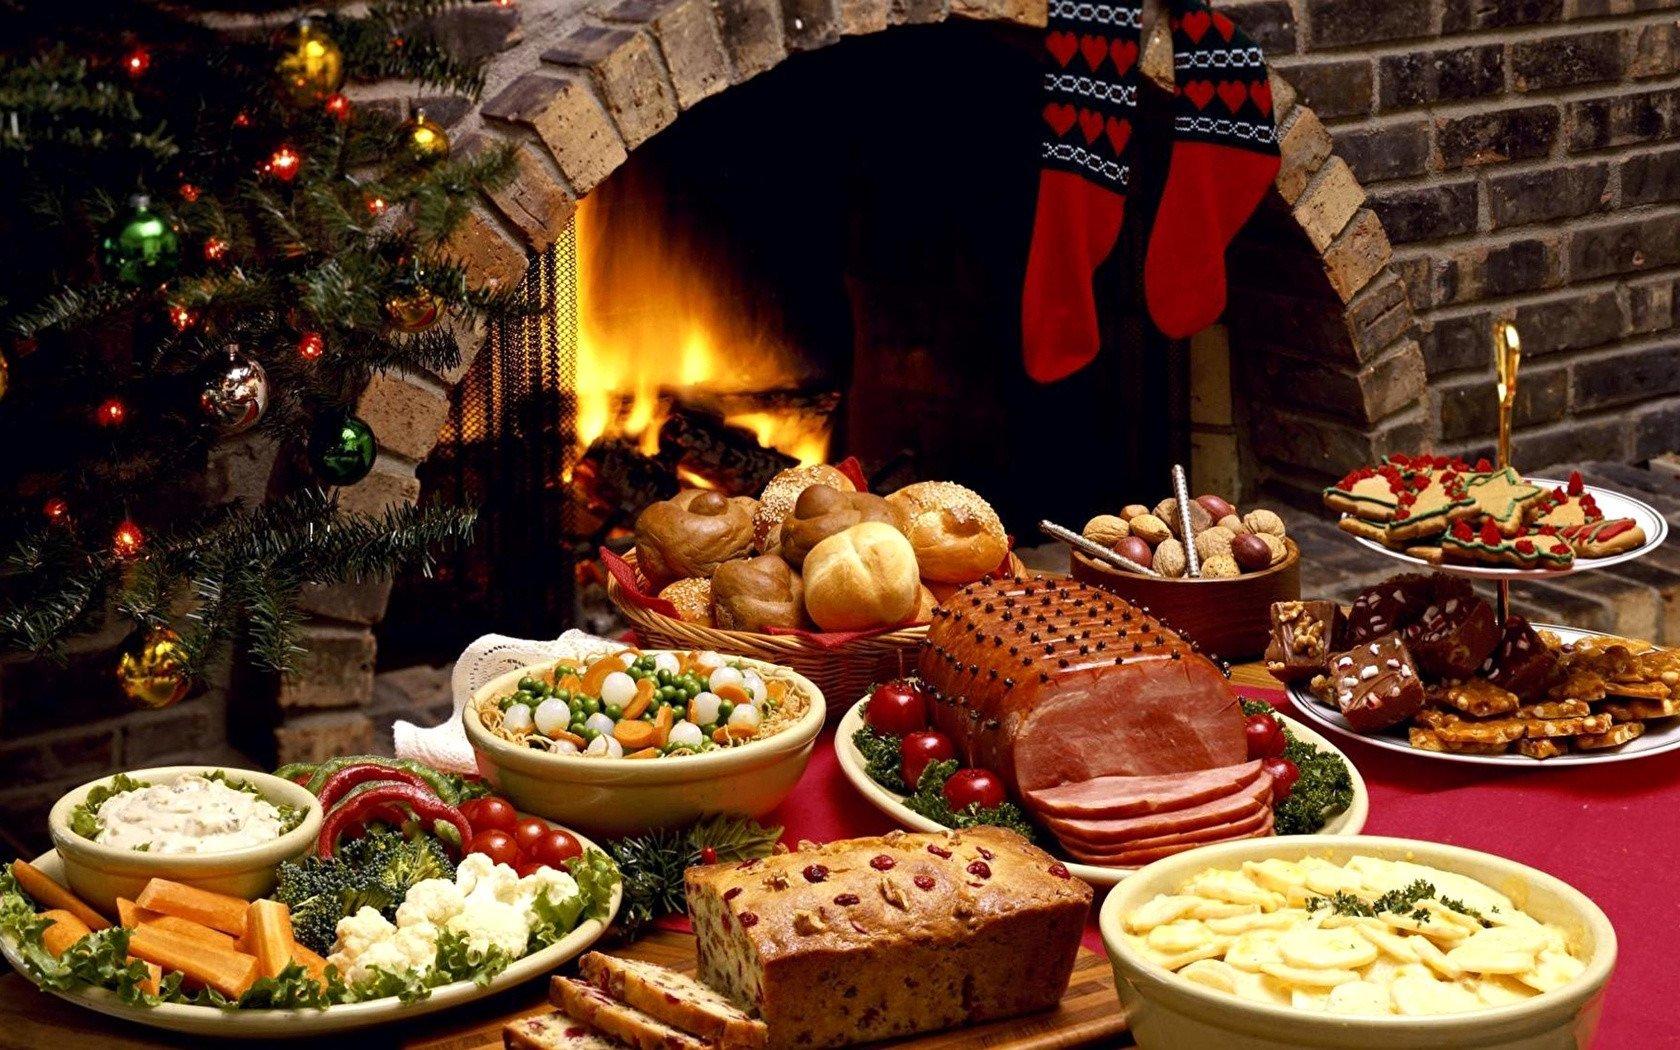 новогодний ужин картинки фото плохо